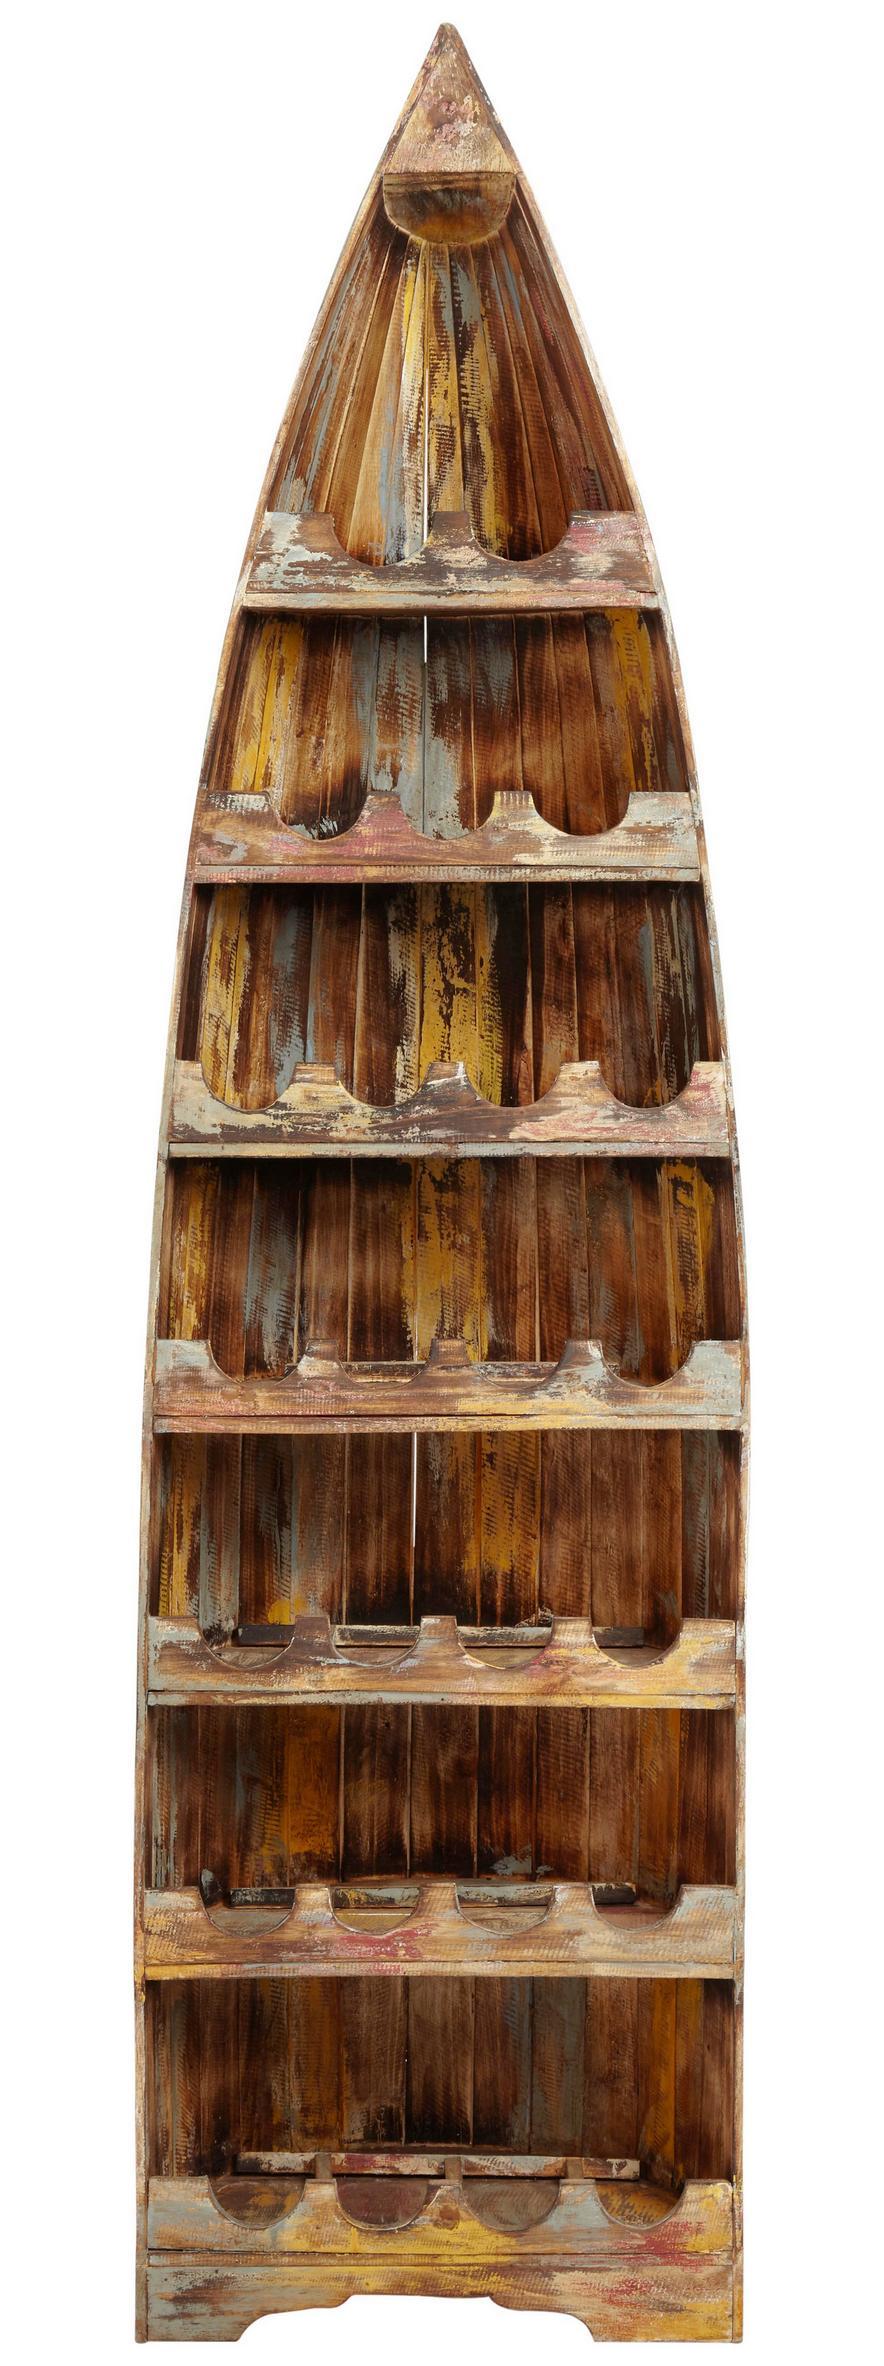 Full Size of Weinregal Wand Modern Braun Online Kaufen Mmax Esstisch Rückwand Küche Glas Deckenleuchte Schlafzimmer Lärmschutzwand Garten Kosten Wandtattoo Wohnzimmer Wohnzimmer Weinregal Wand Modern